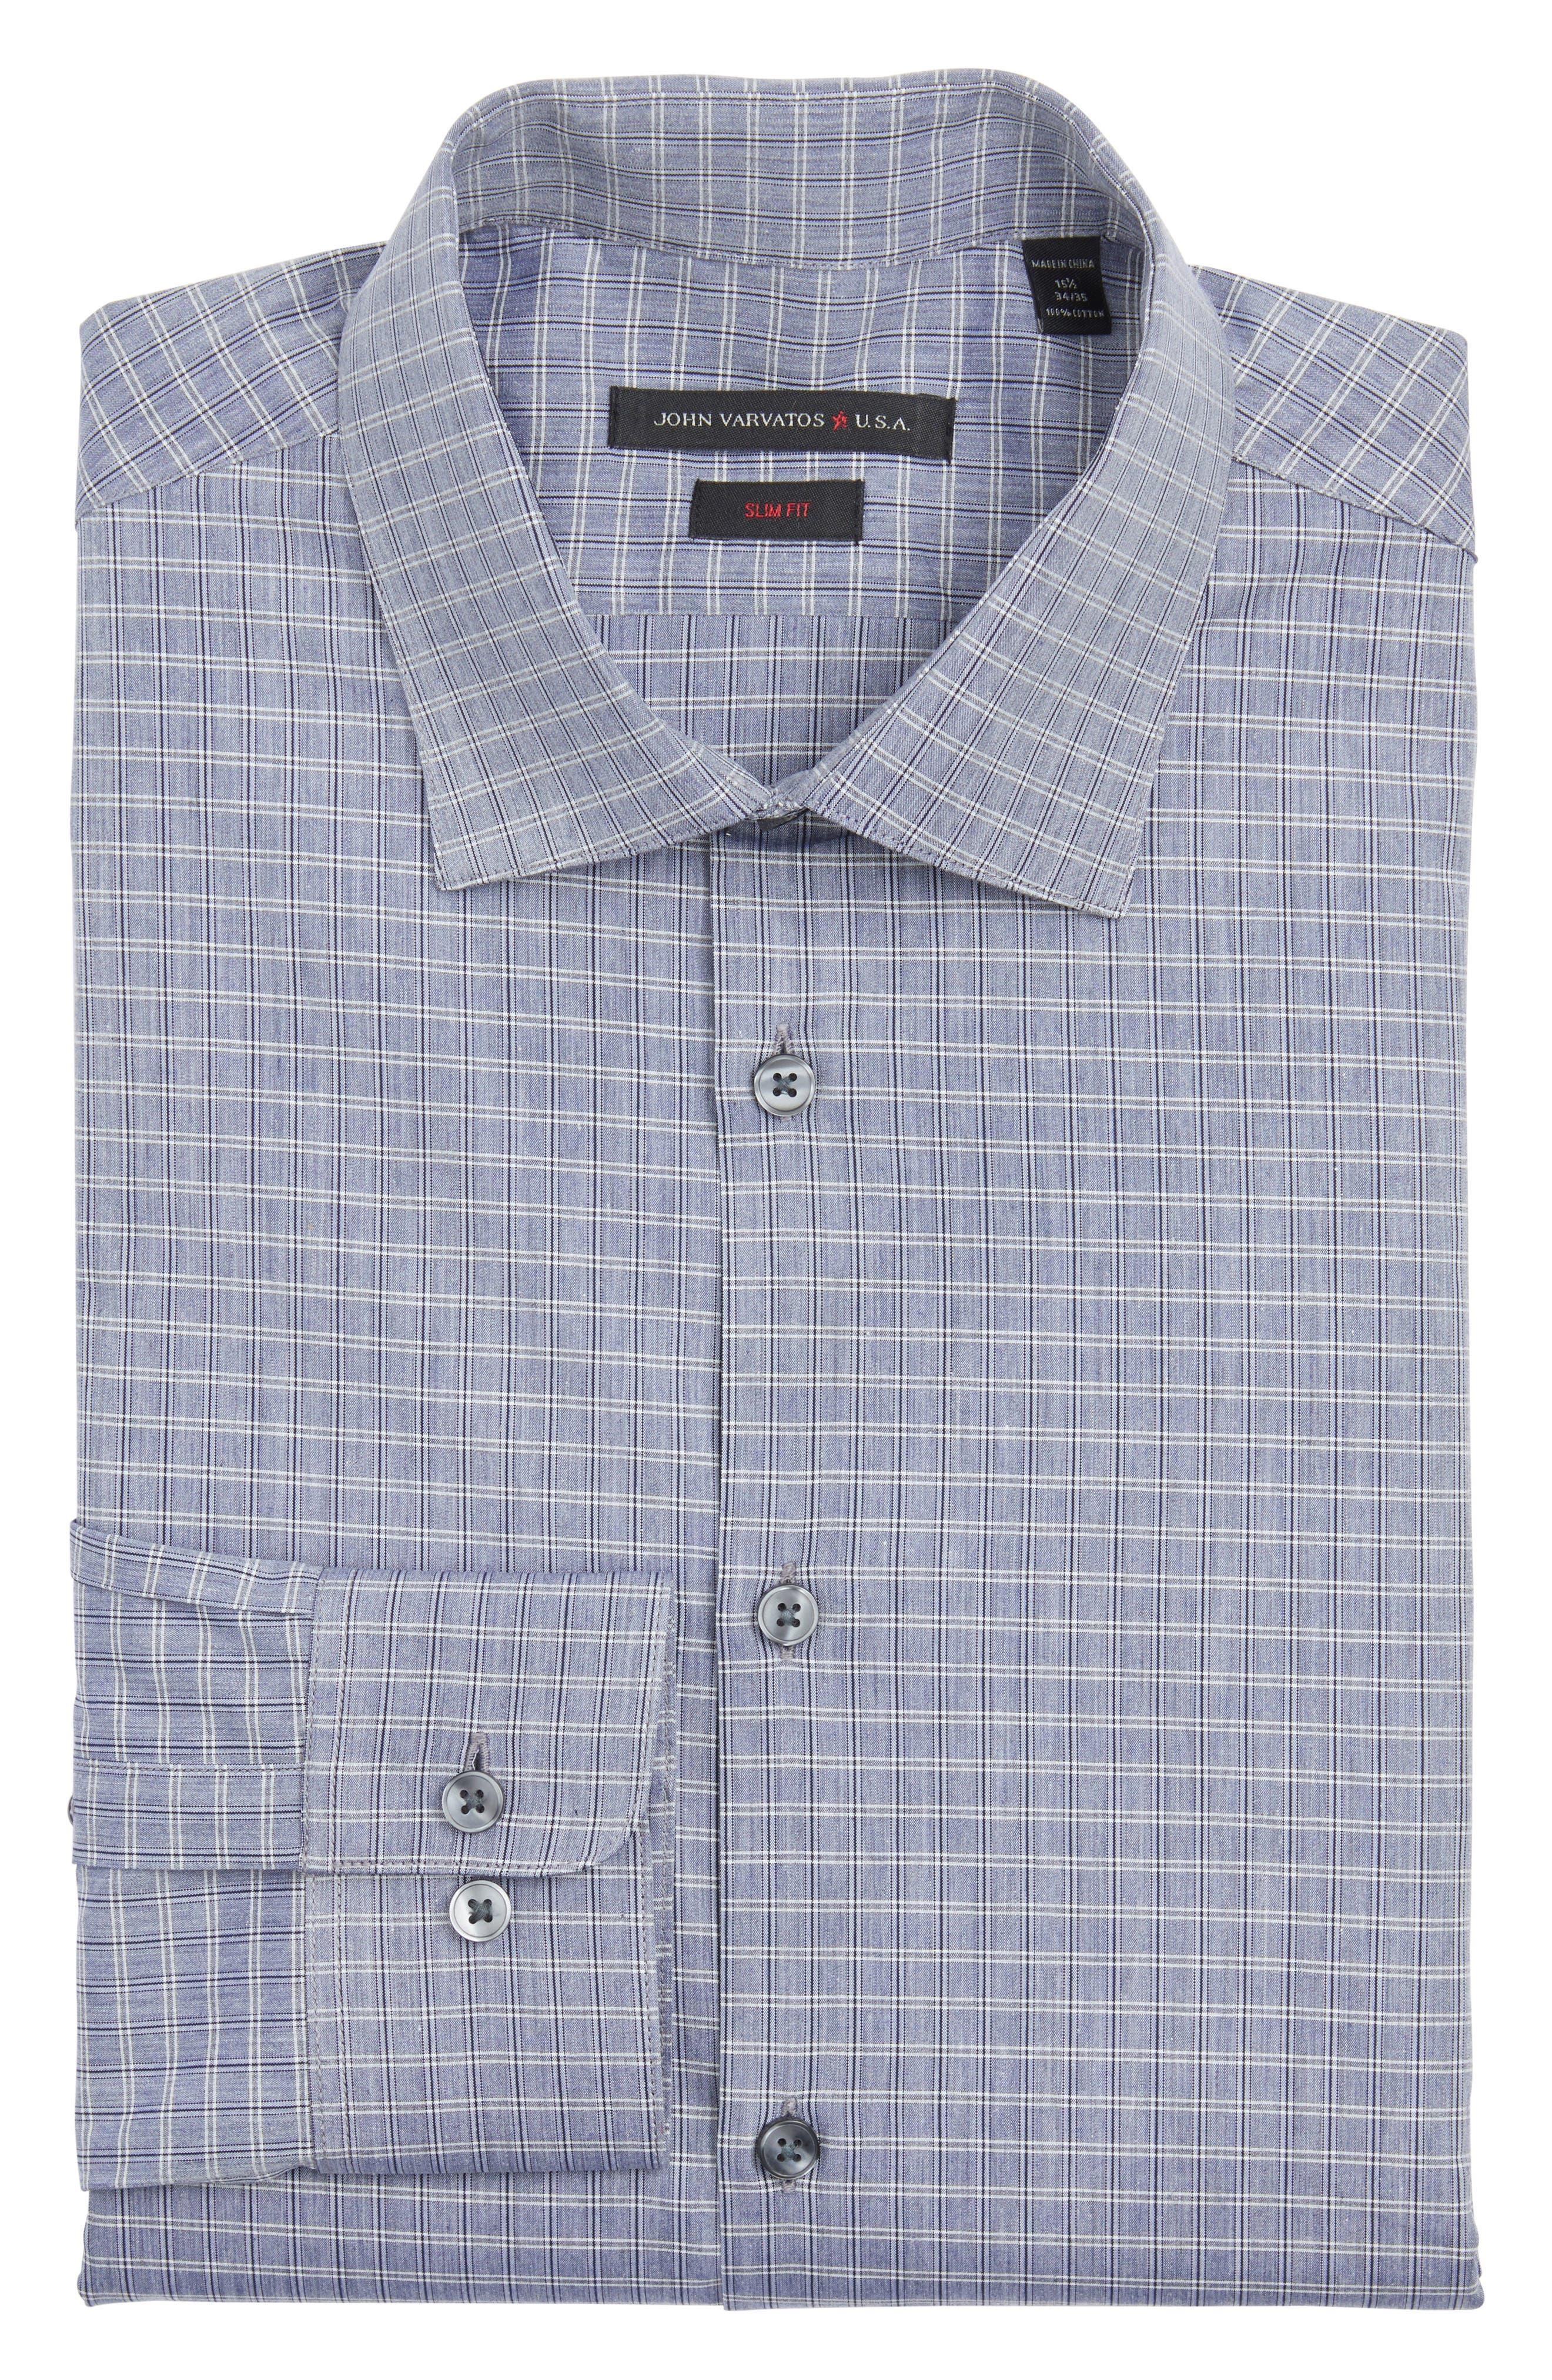 JOHN VARVATOS STAR USA Slim Fit Plaid Dress Shirt